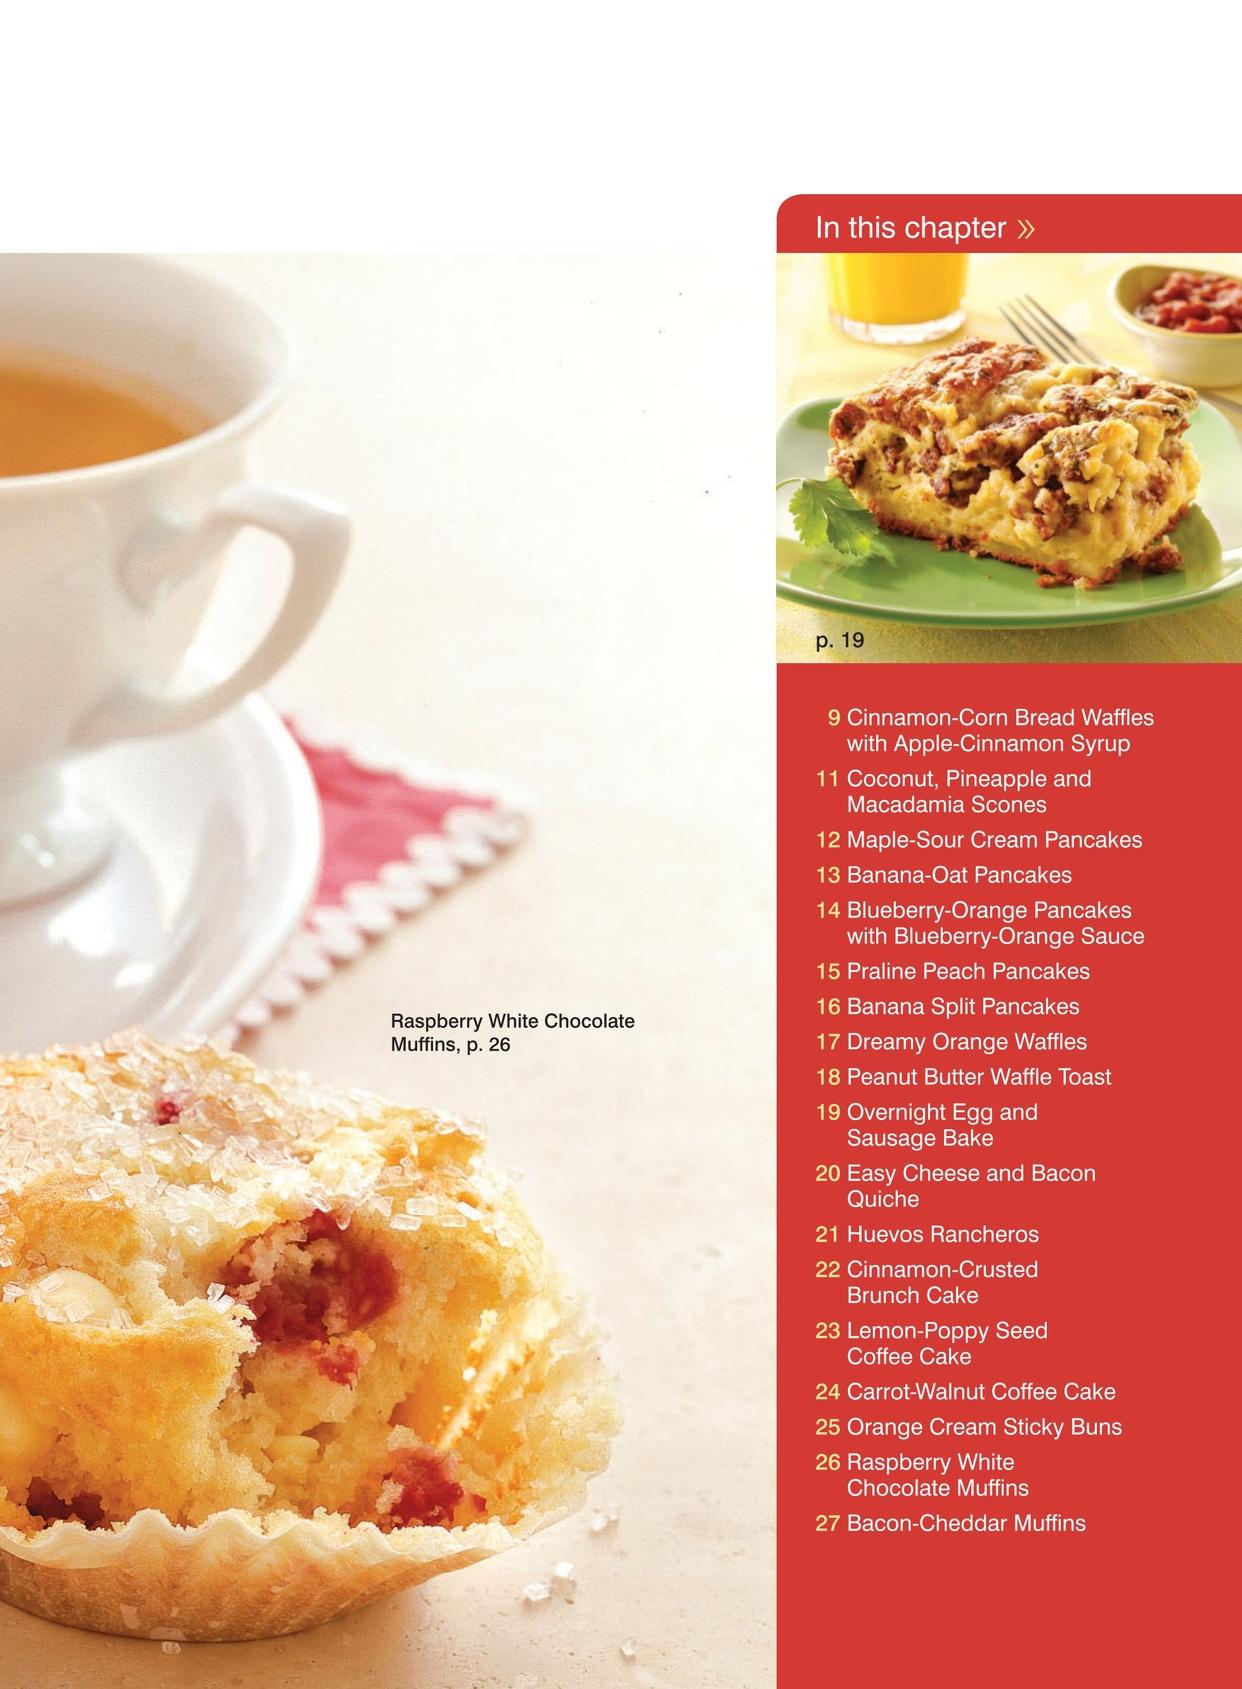 recipe: bisquick white chocolate raspberry muffins [27]